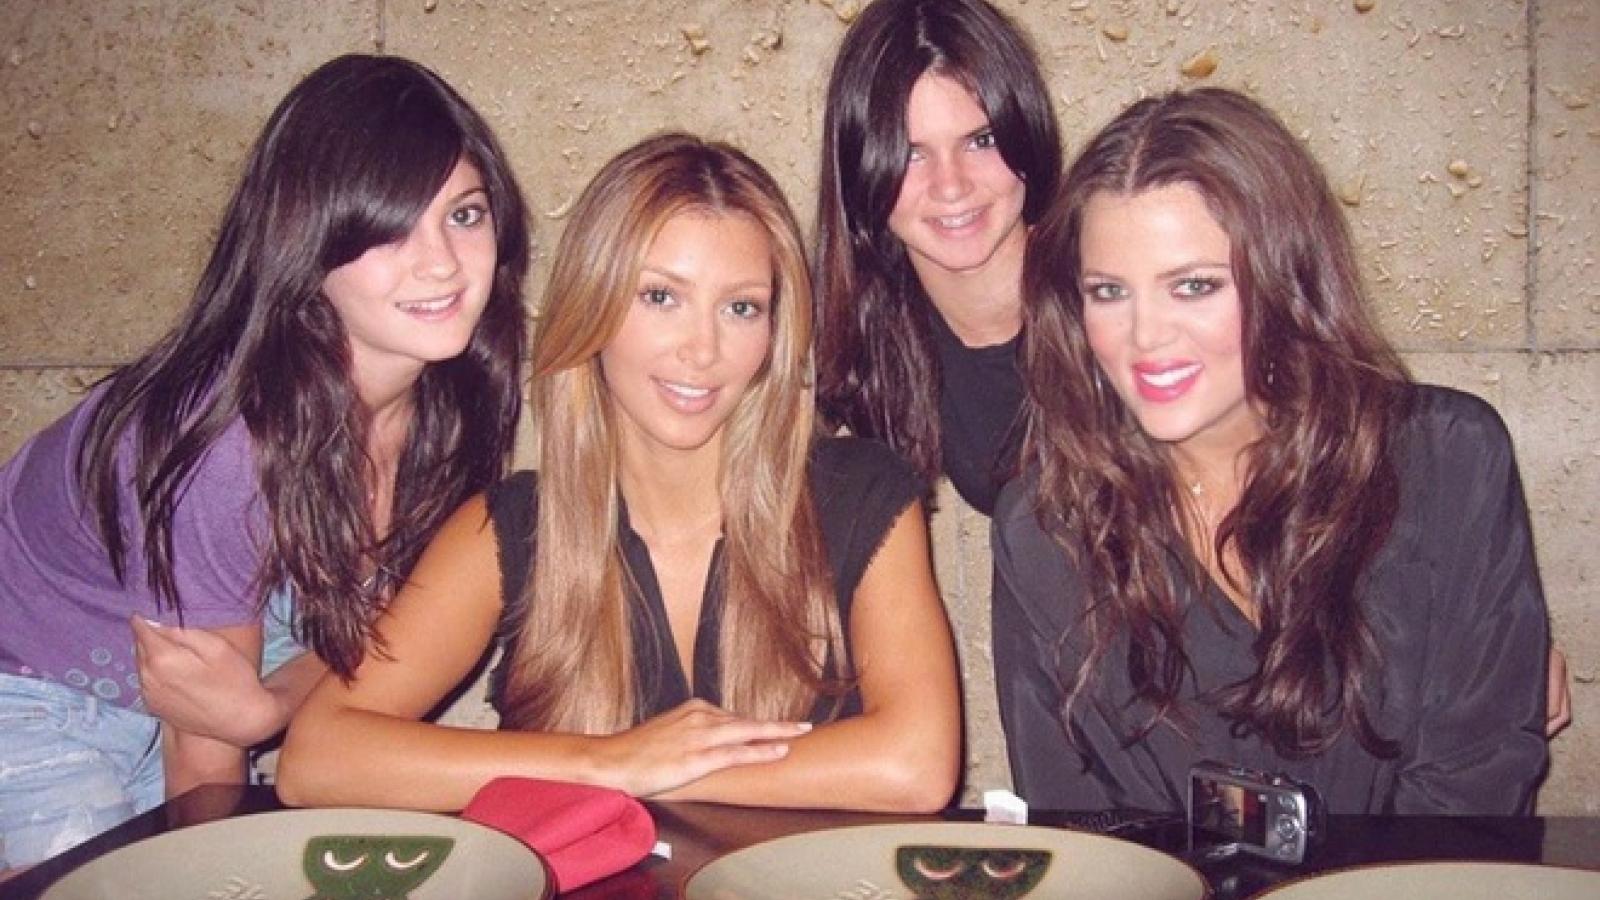 Kim Kardashian rạng rỡ trong bức ảnh chụp cùng chị em gái 11 năm trước